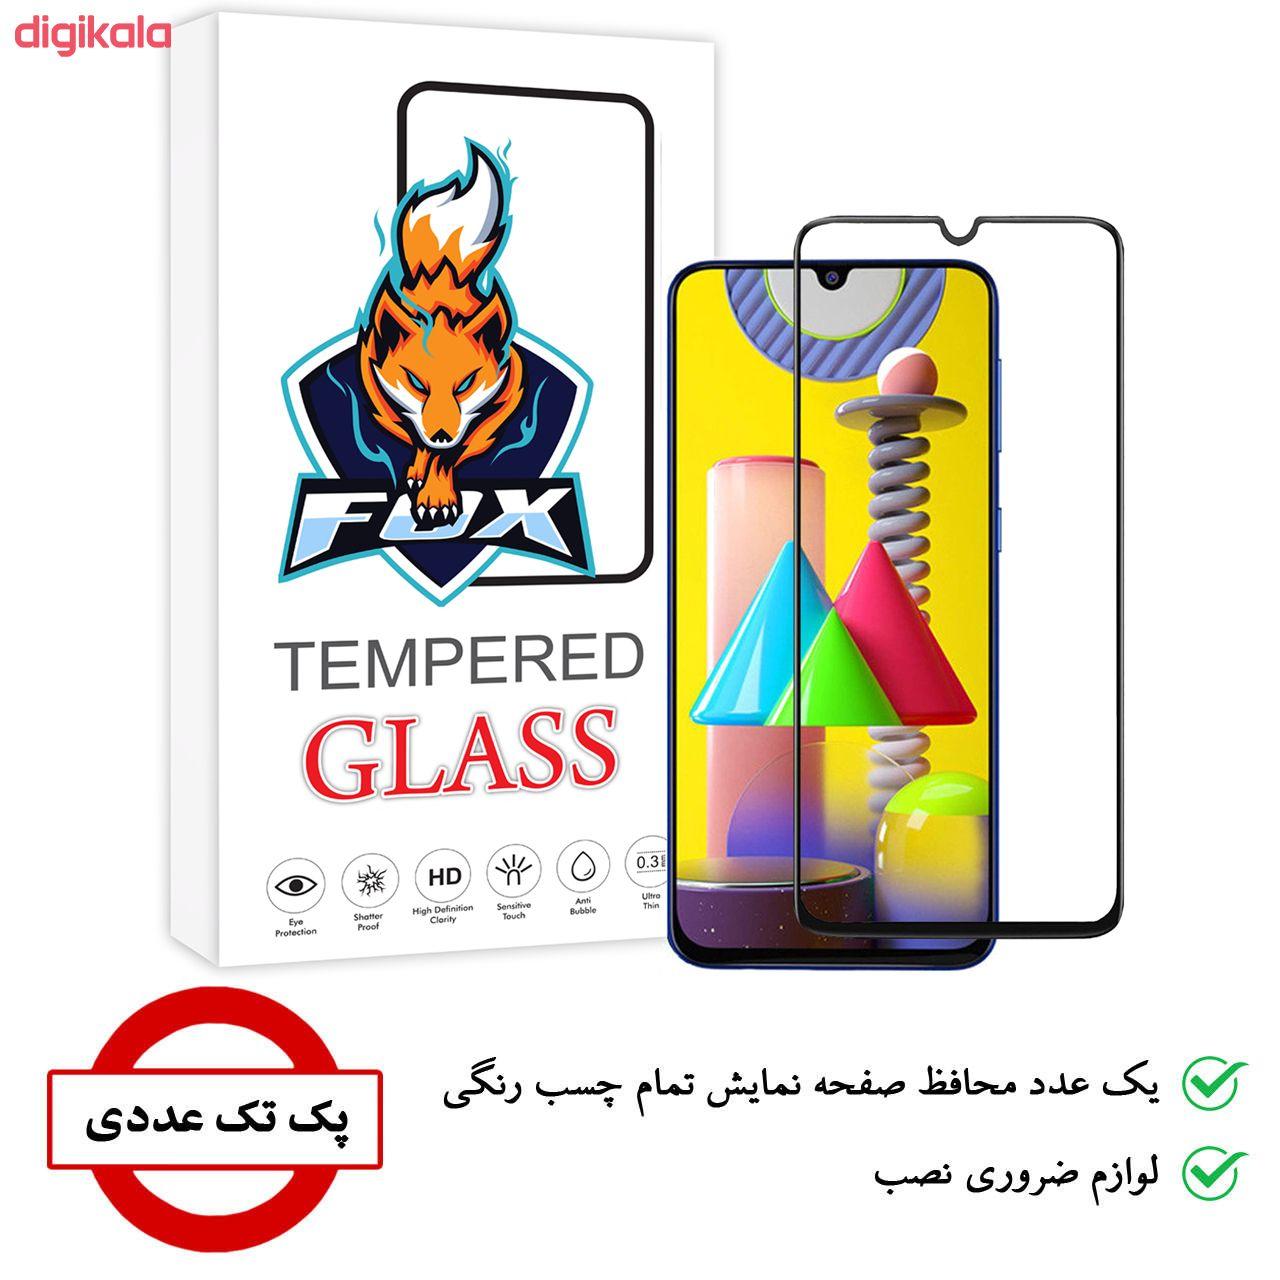 محافظ صفحه نمایش فوکس مدل PT001 مناسب برای گوشی موبایل سامسونگ Galaxy M31 main 1 1